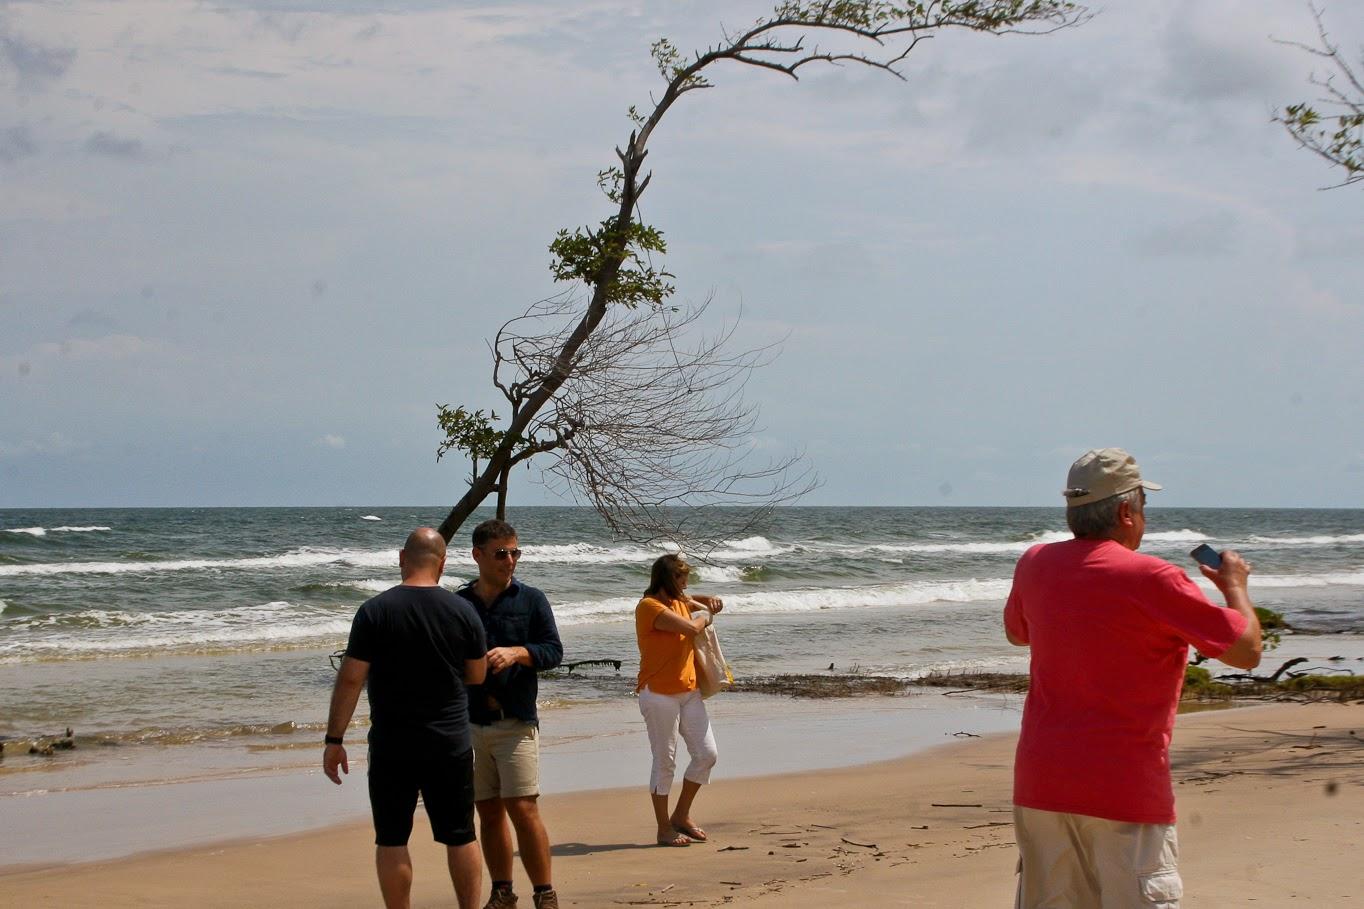 O grupo ficou estasiado com as praias de rio desertas do Marajó, bem na esquina do oceano Atlântico Foto: Benigna Soares - Paratur